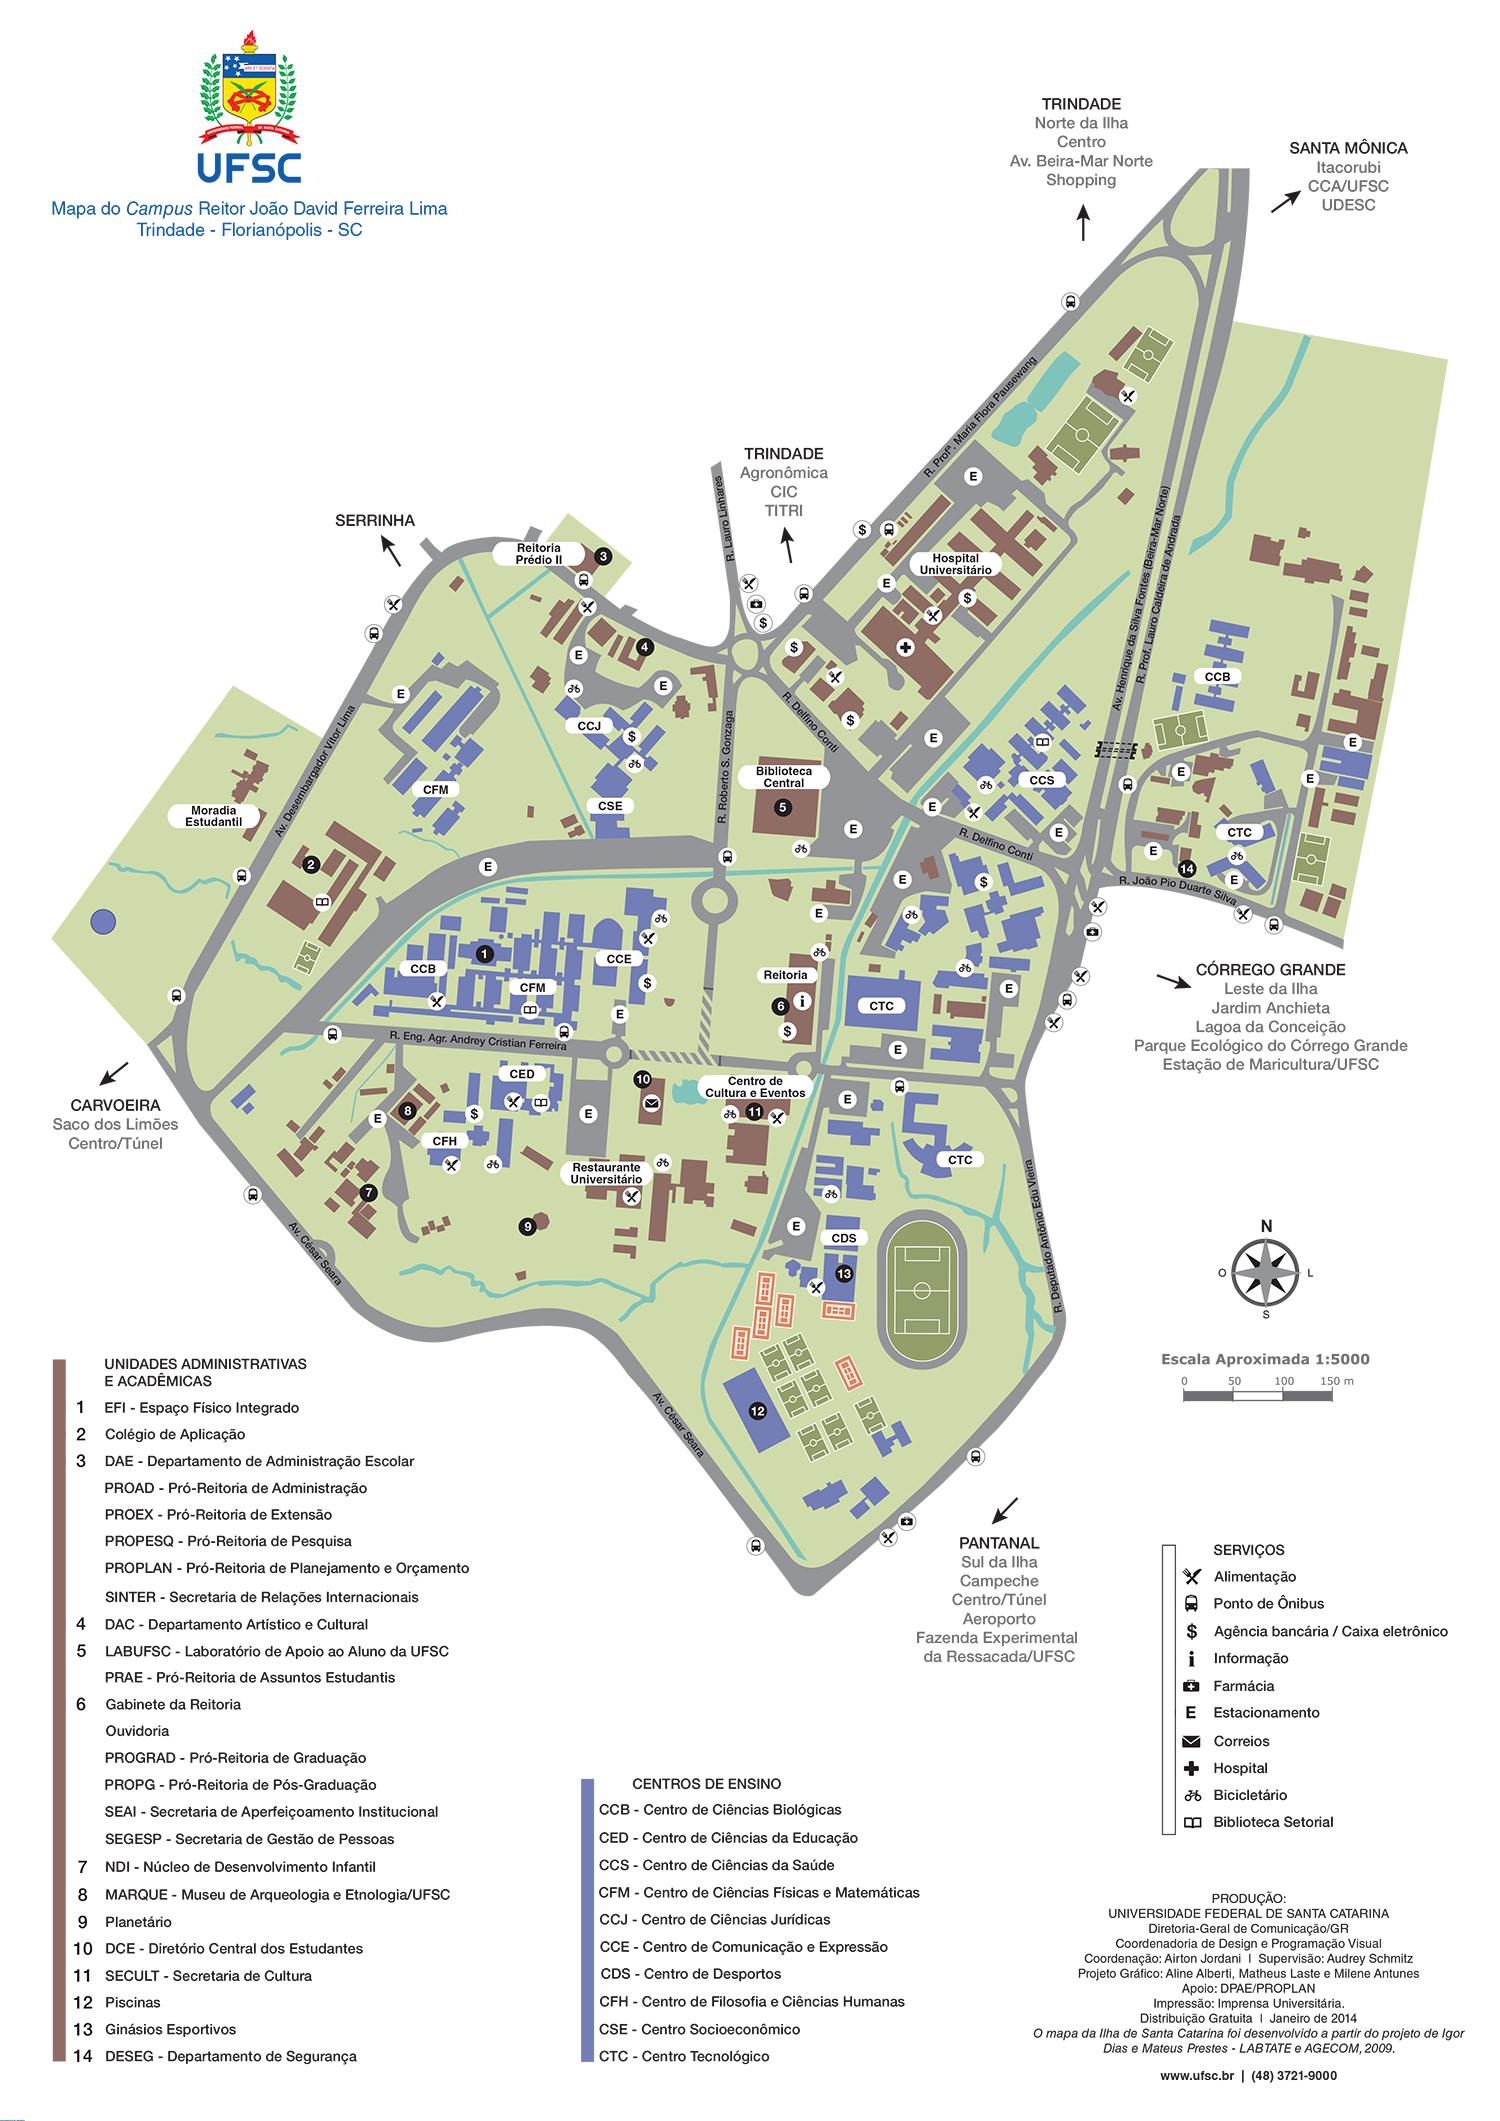 mapa-ufsc